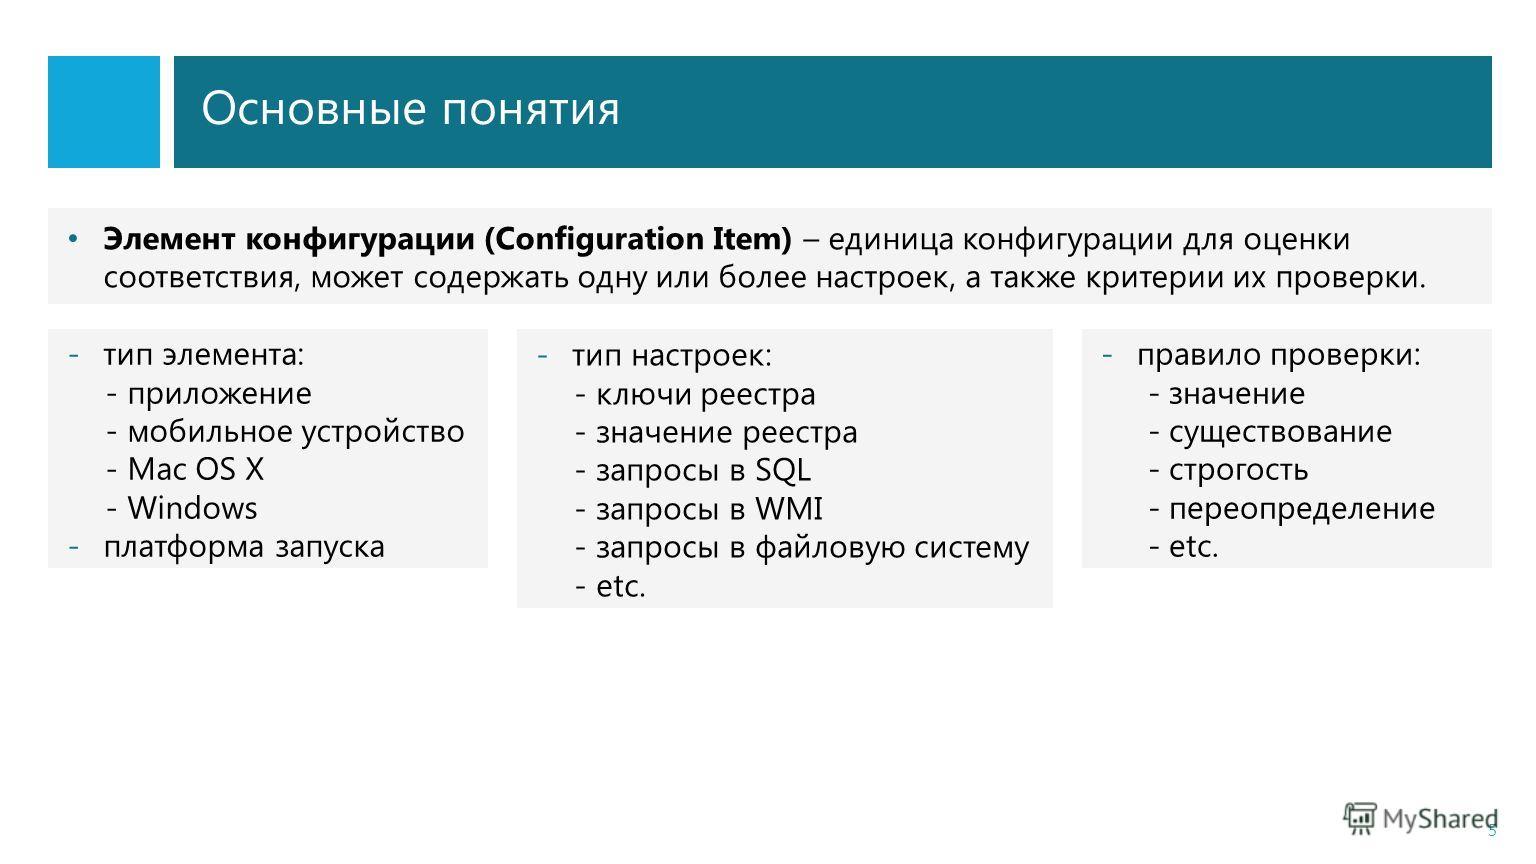 Основные понятия 5 Элемент конфигурации (Configuration Item) – единица конфигурации для оценки соответствия, может содержать одну или более настроек, а также критерии их проверки. -тип элемента: - приложение - мобильное устройство - Mac OS X - Window